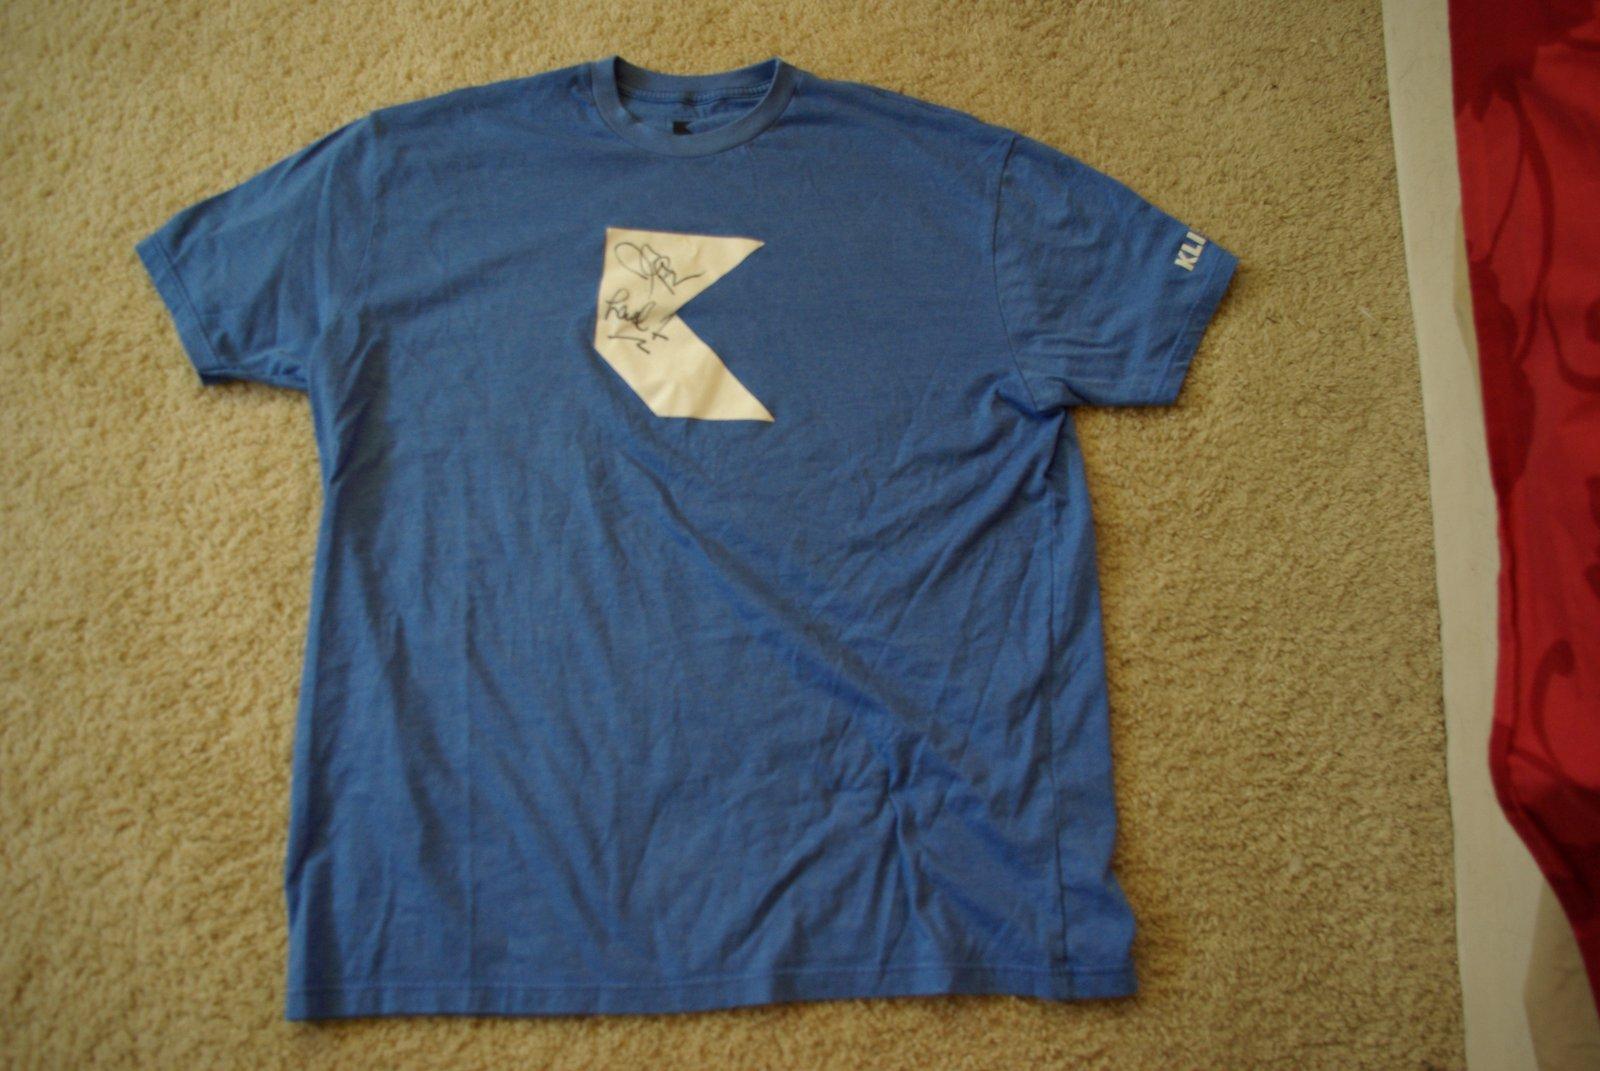 klint shirt